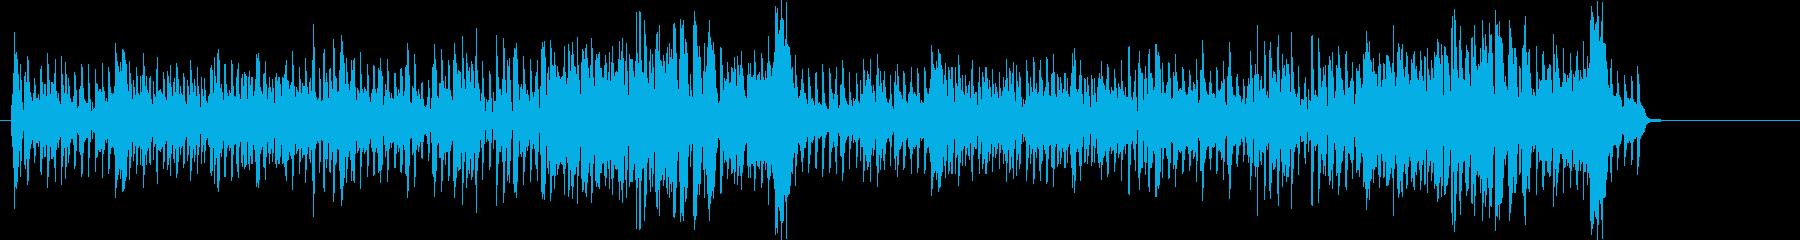 悪役に合いそうなジャジーな曲の再生済みの波形